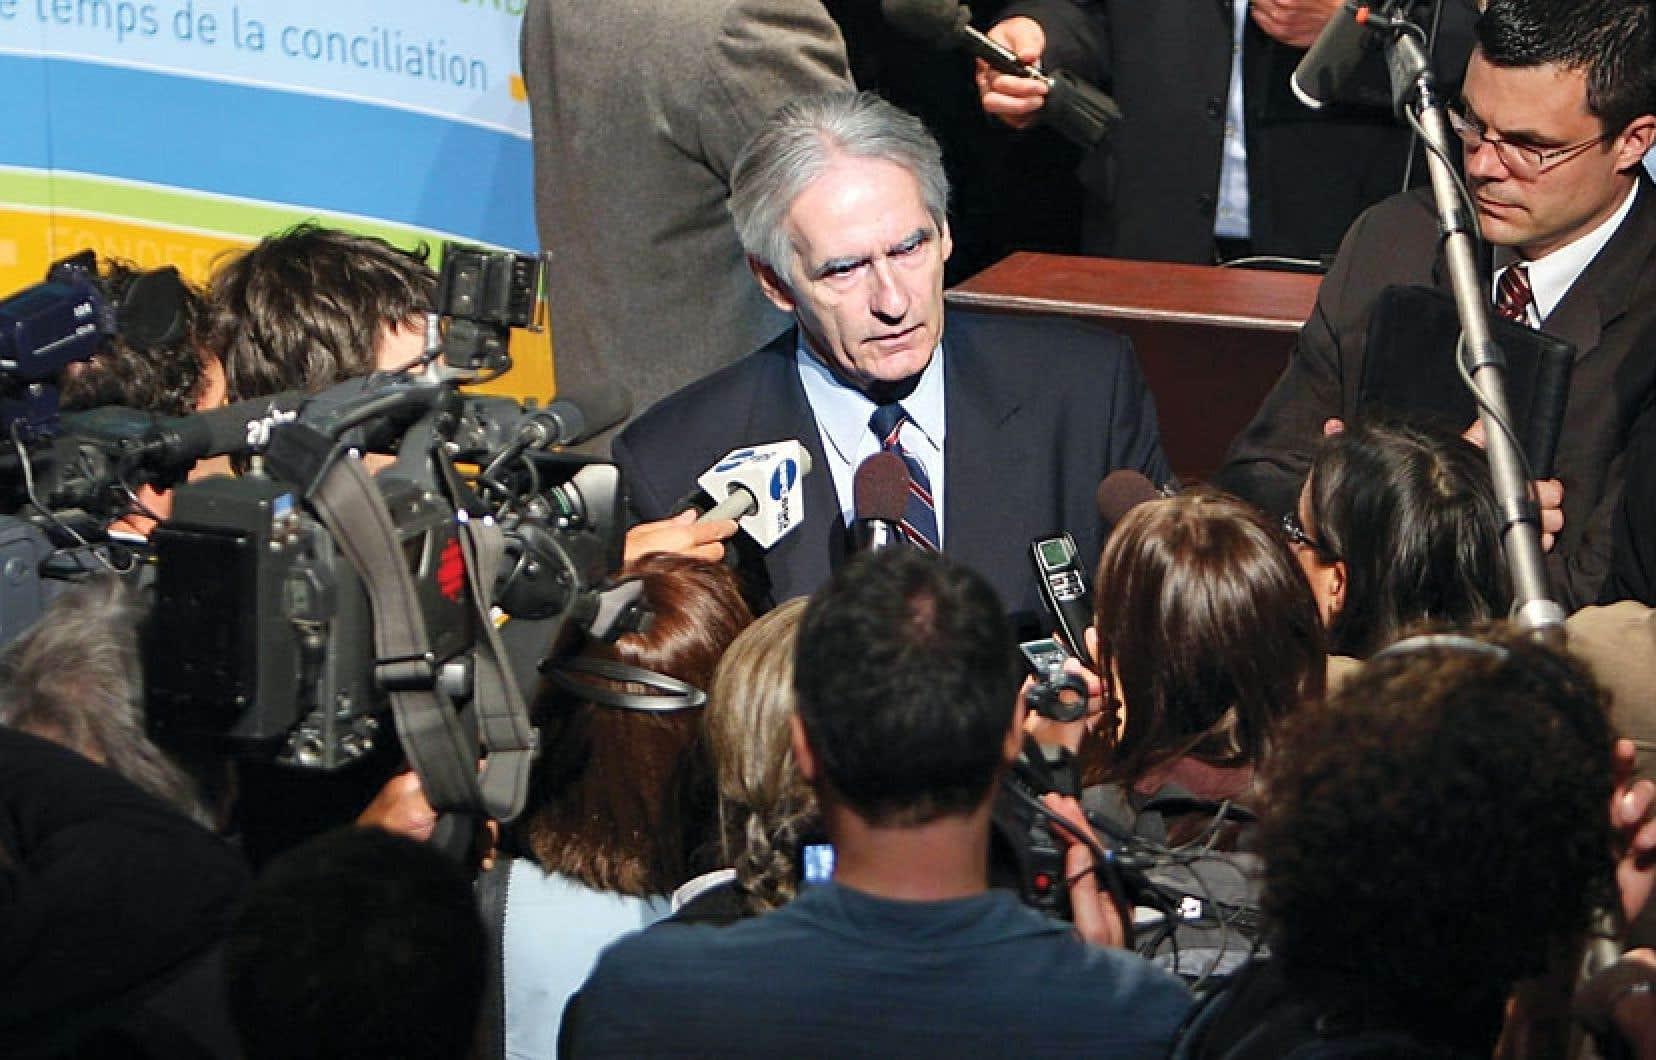 Gérard Bouchard, qui présidait en 2008 avec Charles Taylor la Commission de consultation sur les pratiques d'accommodement reliées aux différences culturelles, répondant aux questions des journalistes lors du dépôt du rapport.